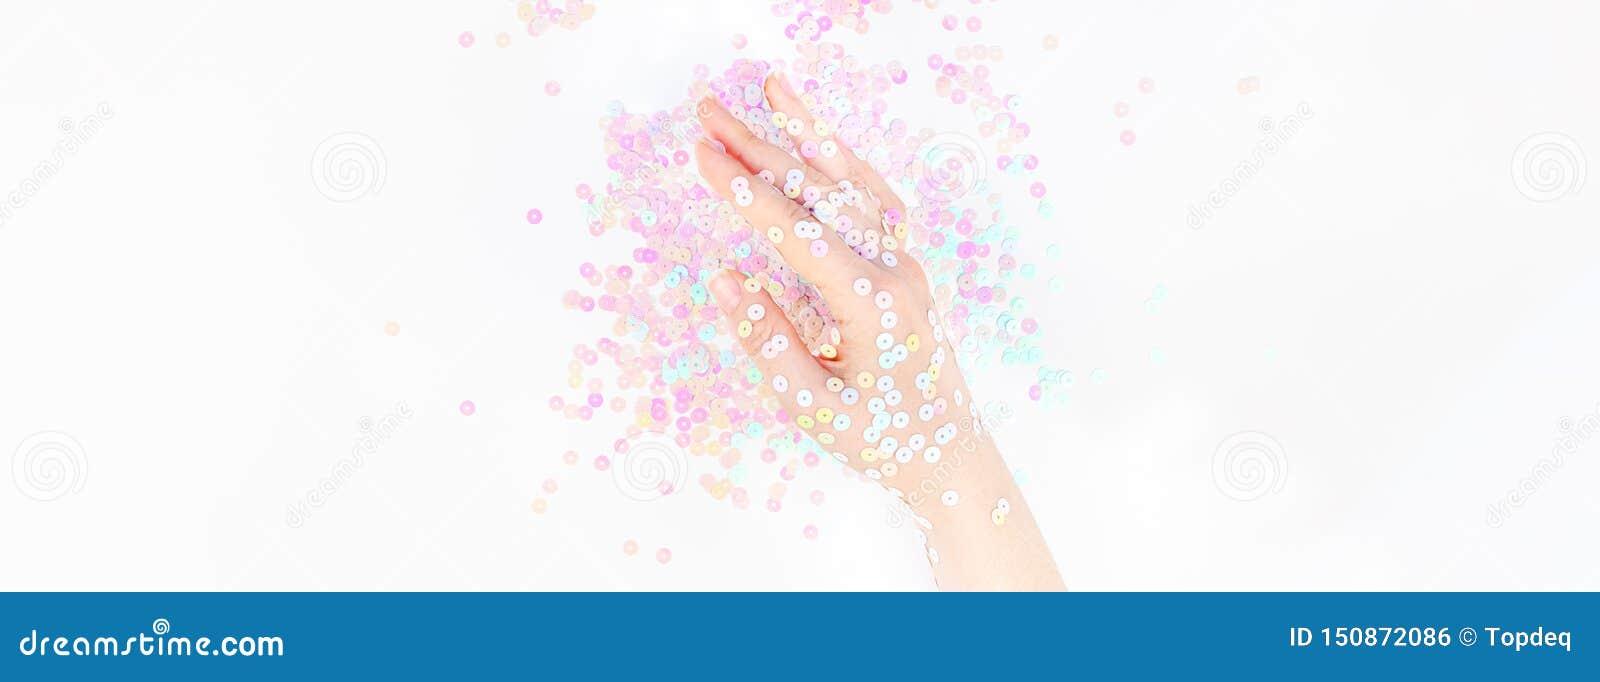 El confeti en colores pastel de la perla chispea con la mano de la mujer